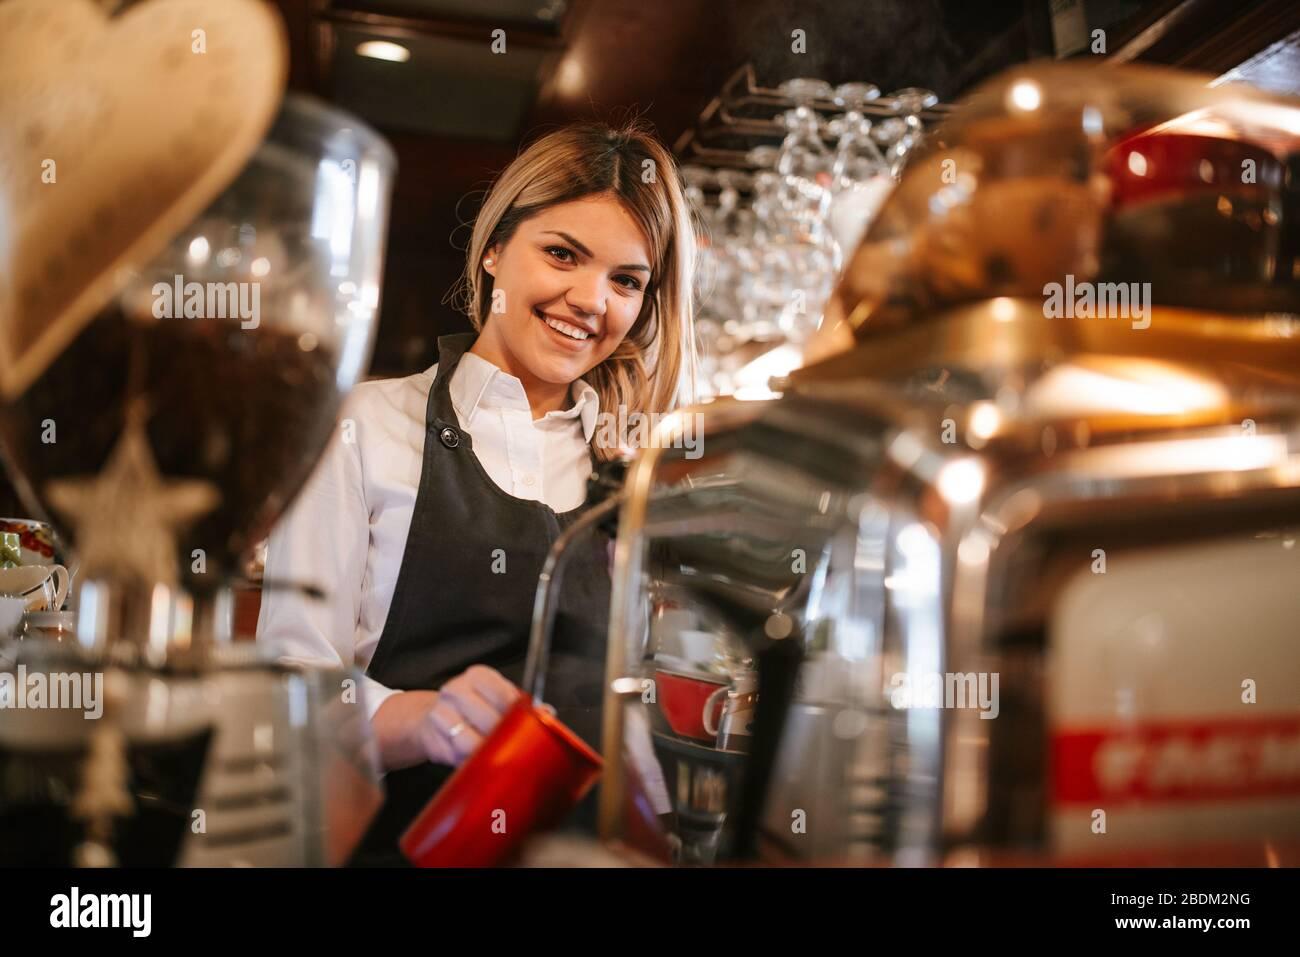 Una joven y atractiva camarera rubia caucásica hace café en un café Foto de stock